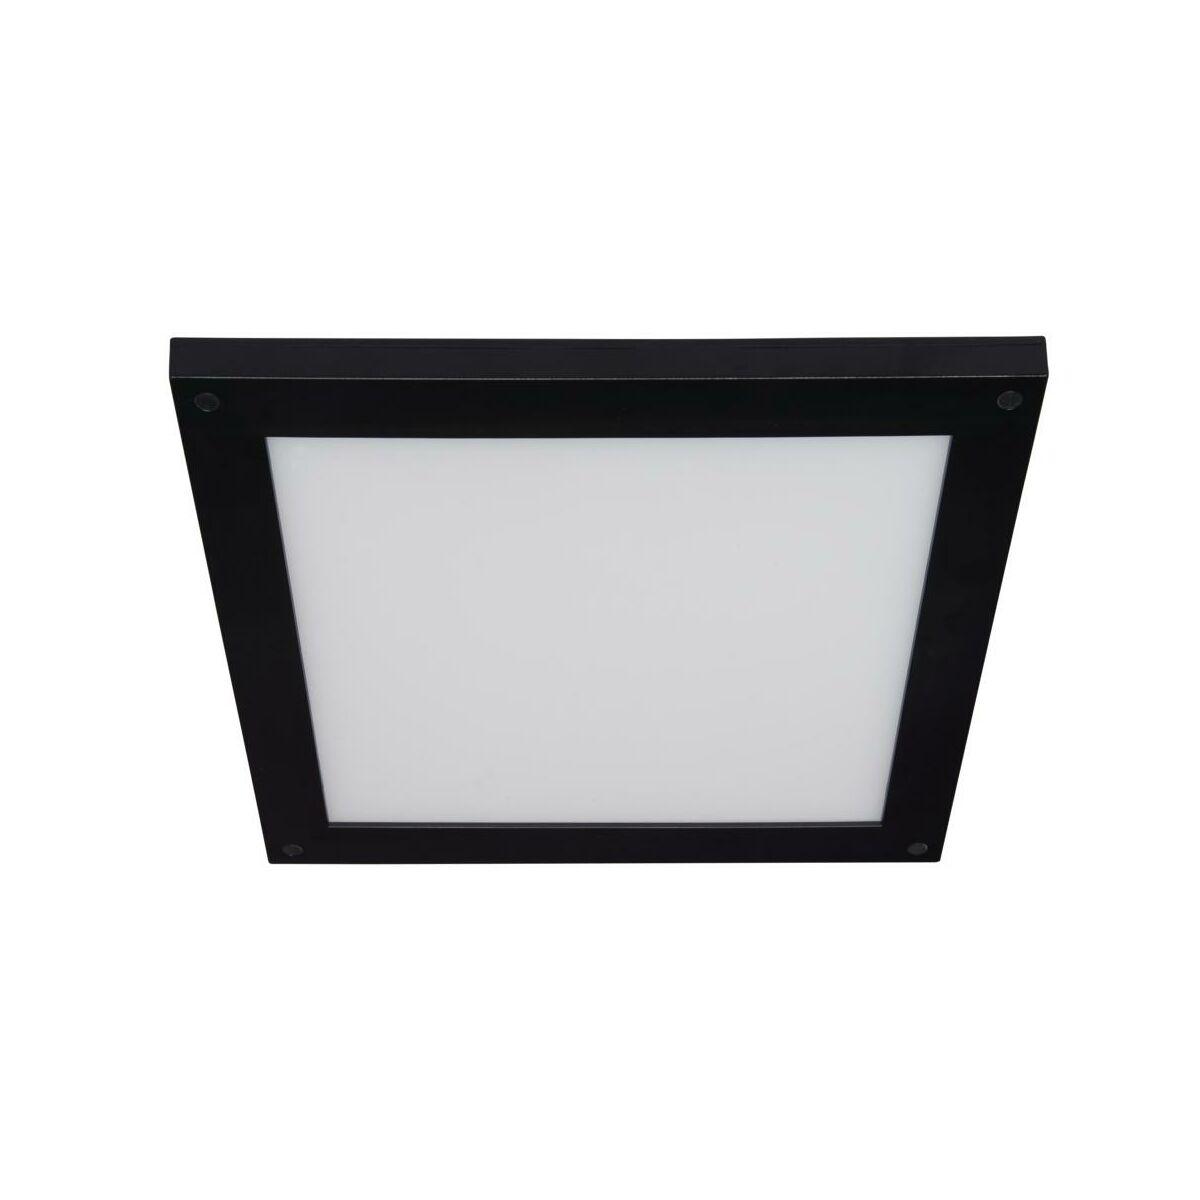 Panel Led Gdansk Ip44 30 X 30 Cm Czarny Inspire Panele Led W Atrakcyjnej Cenie W Sklepach Leroy Merlin